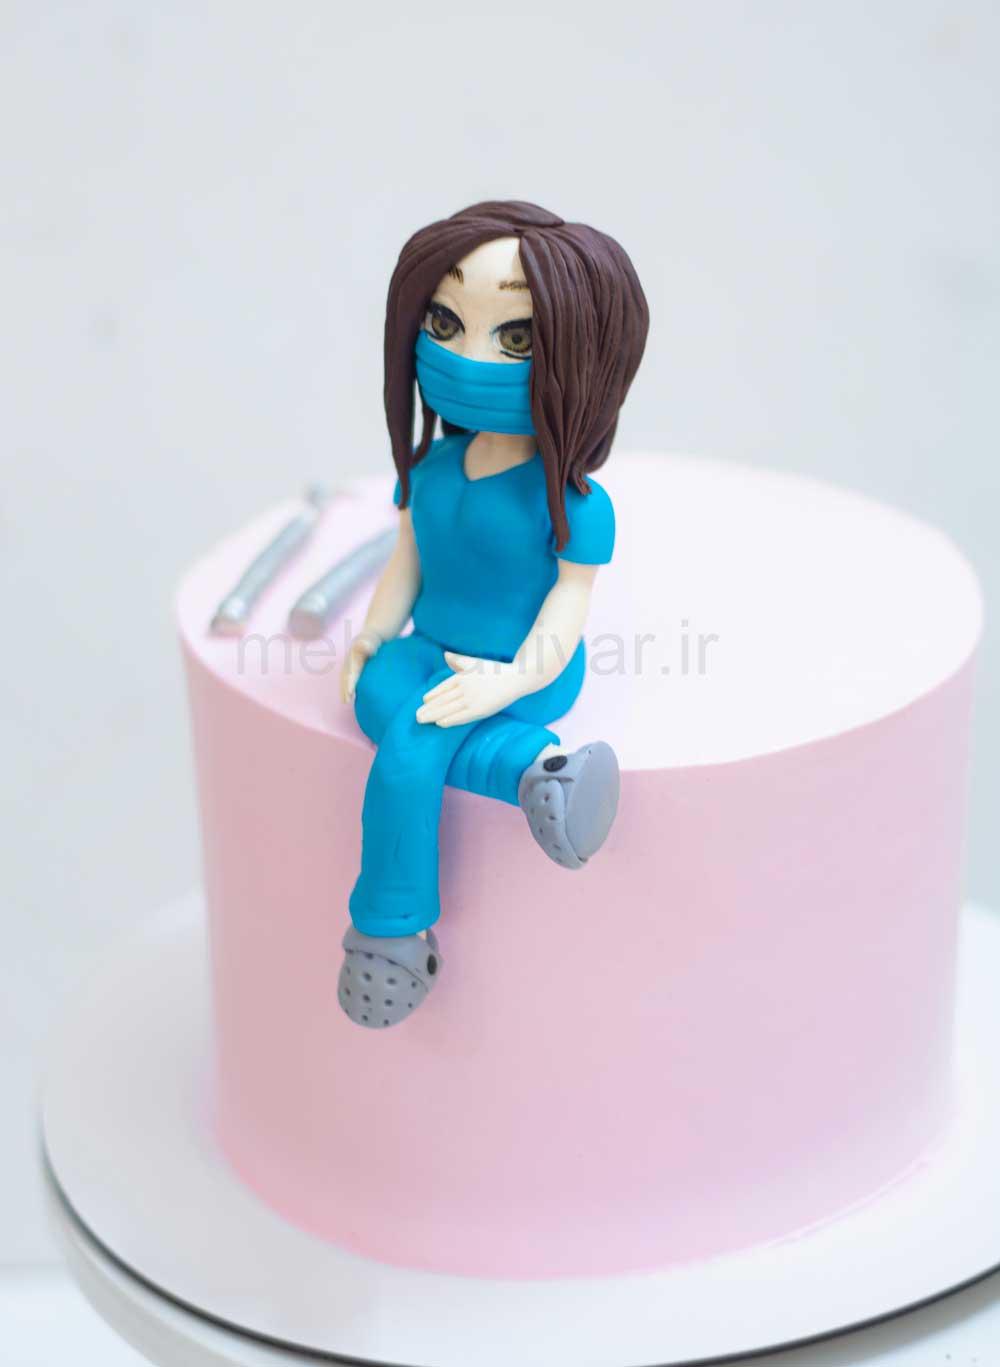 کیک بانوی دندانپزشک